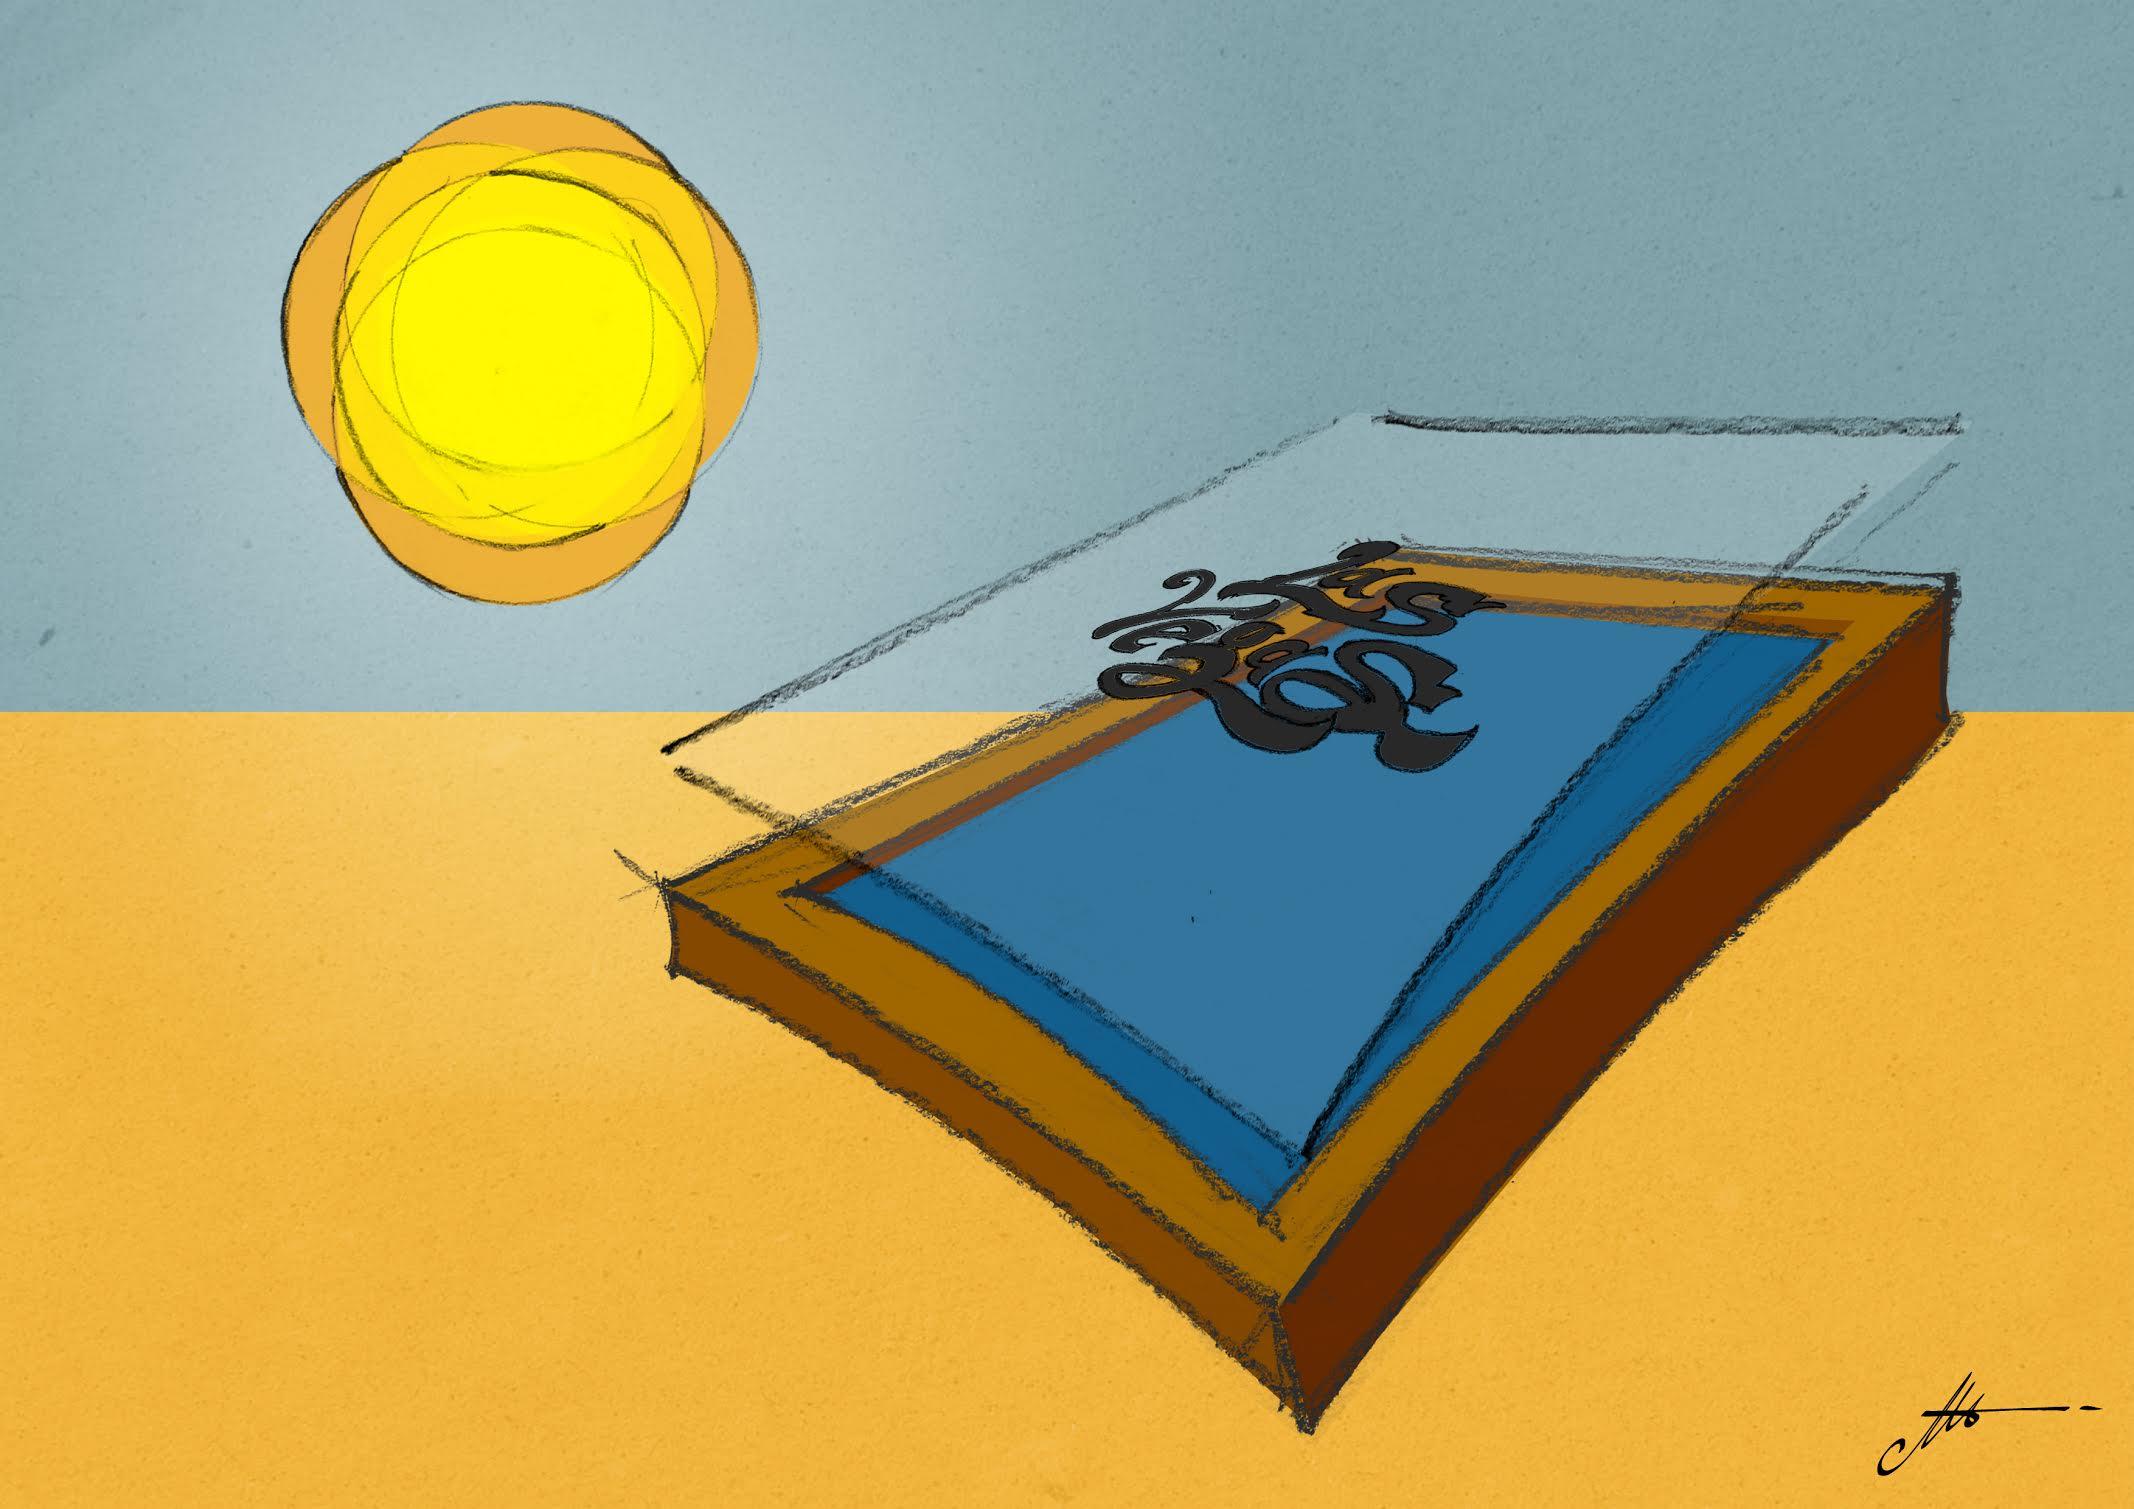 incidere i telai serigrafici con la luce del sole